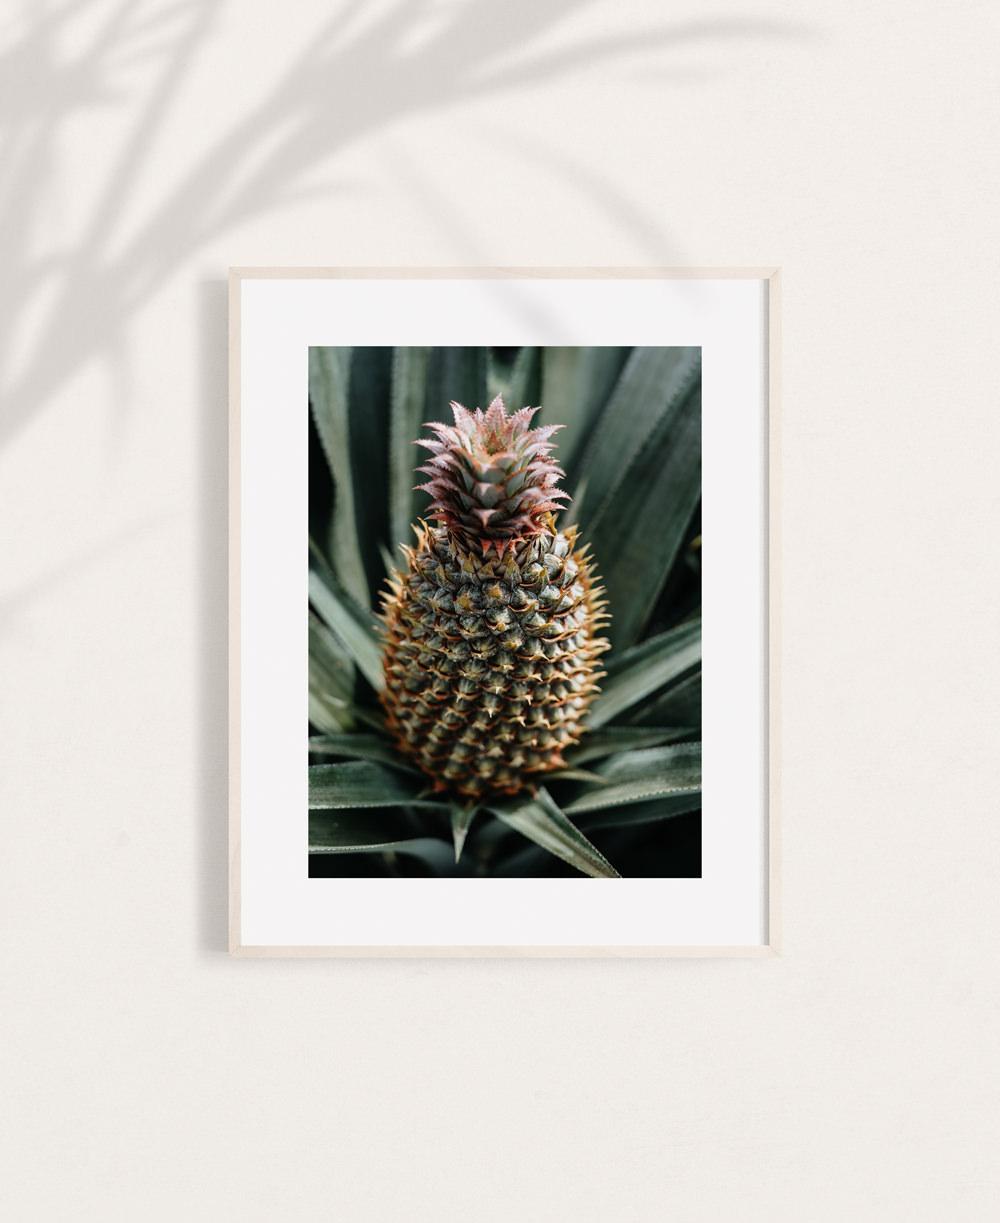 nicischwab-prints-018-Ananas